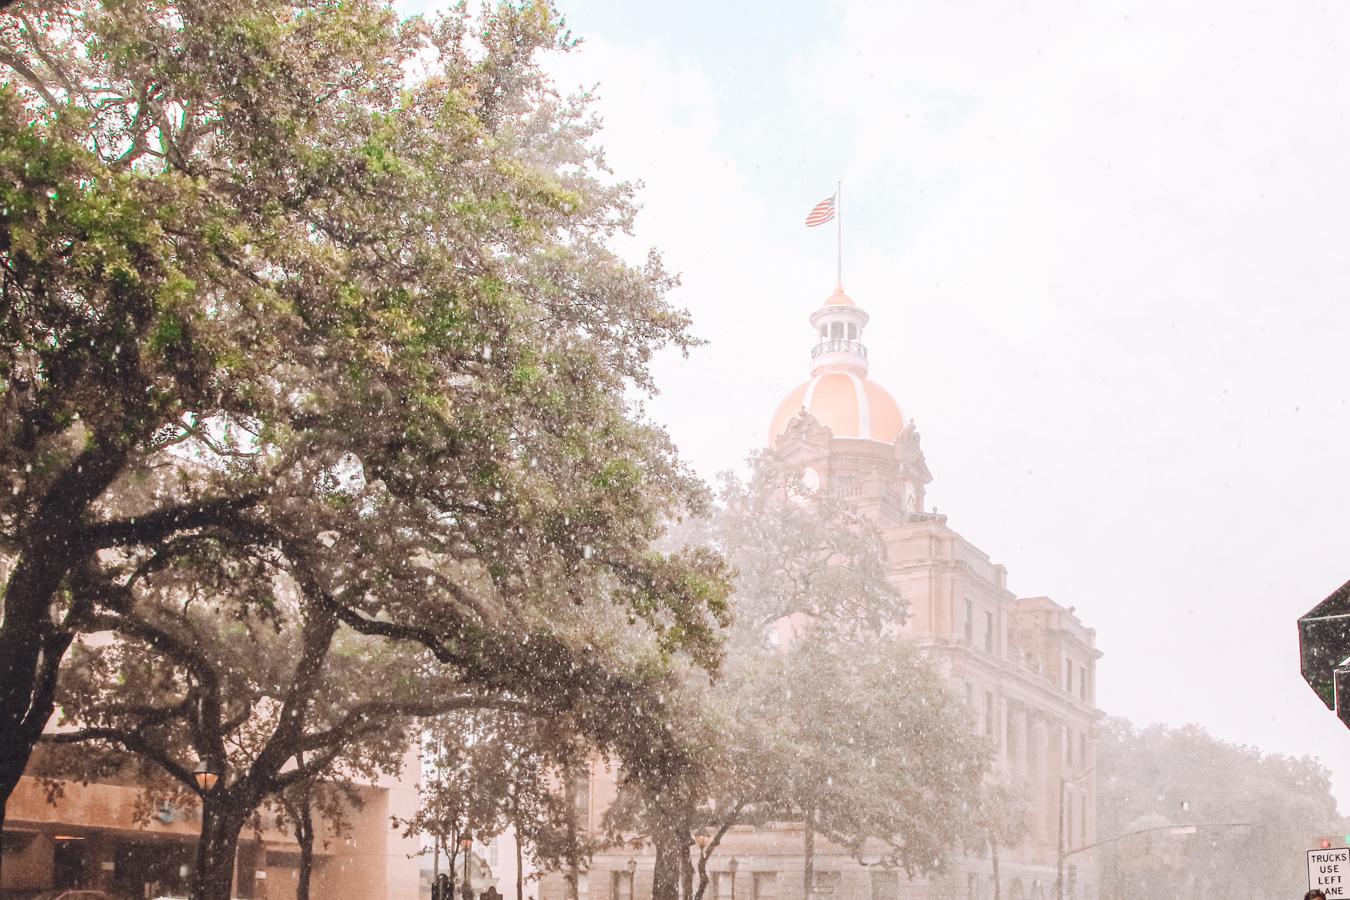 Trees and buildings in Savannah